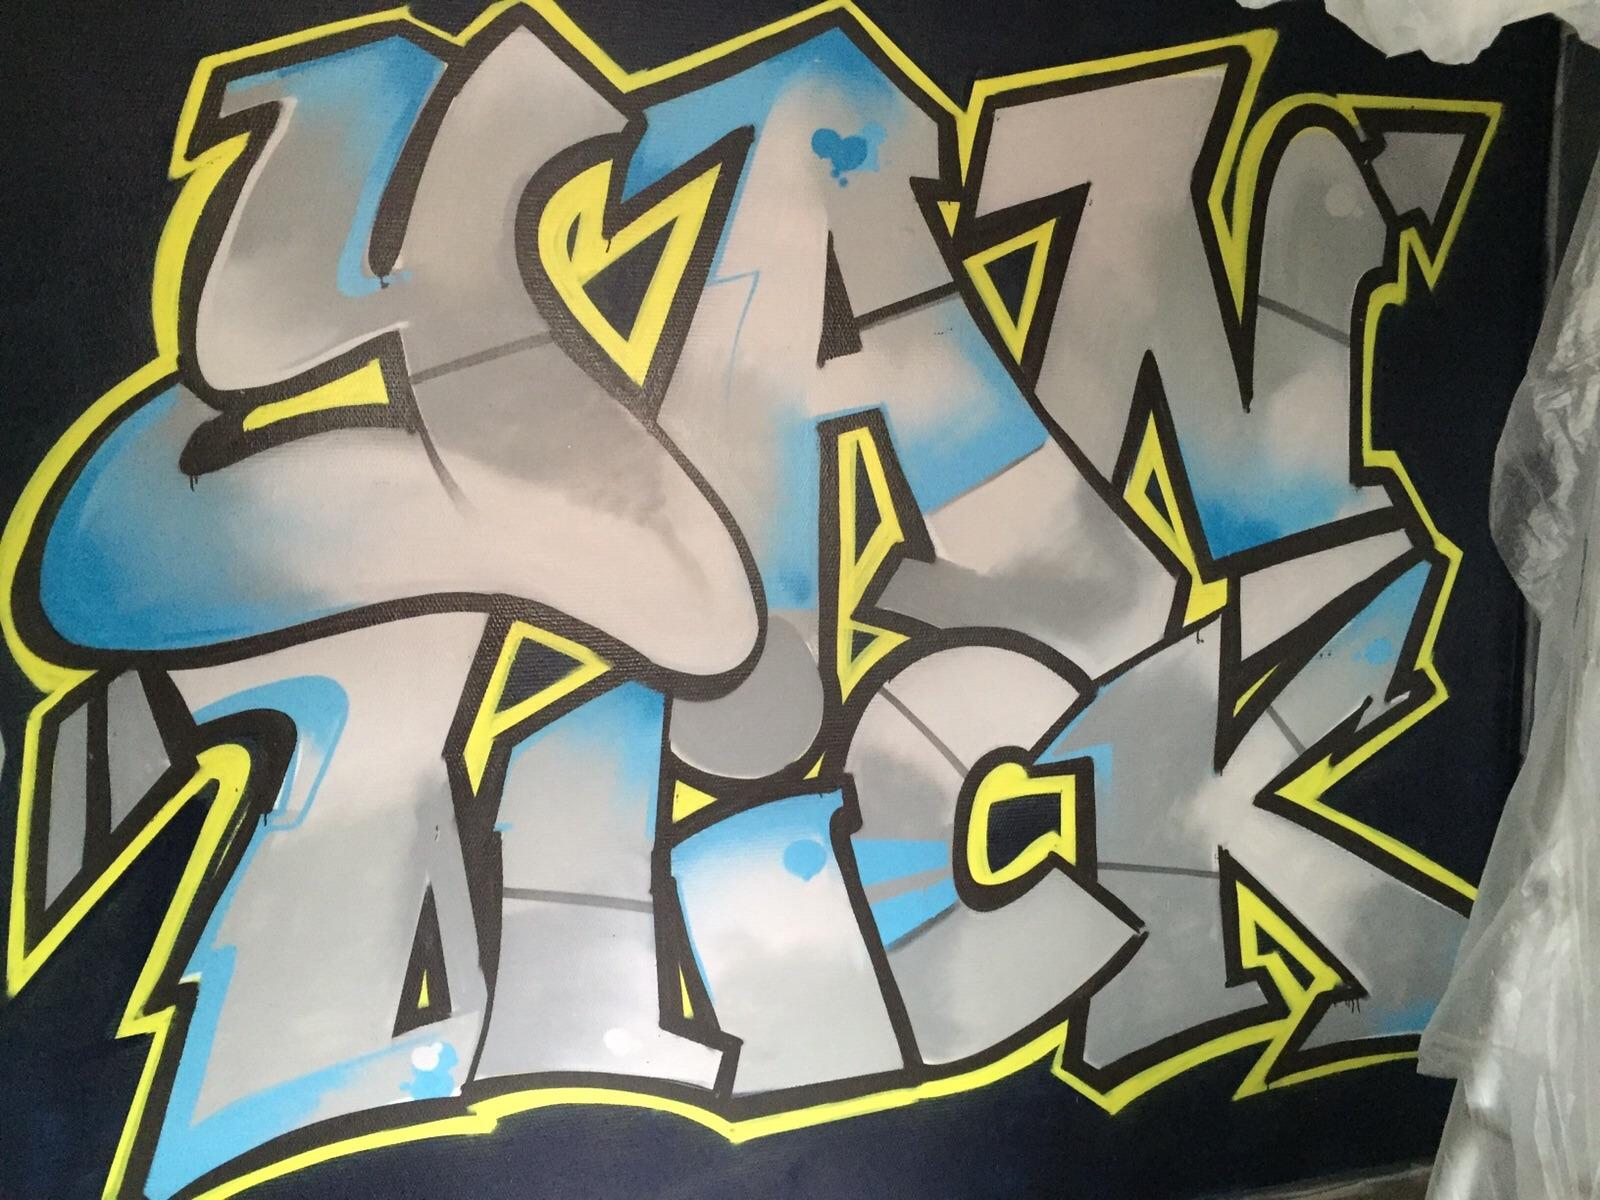 Mr. Graffiti: Slaapkamer Yannick - Mr. Graffiti